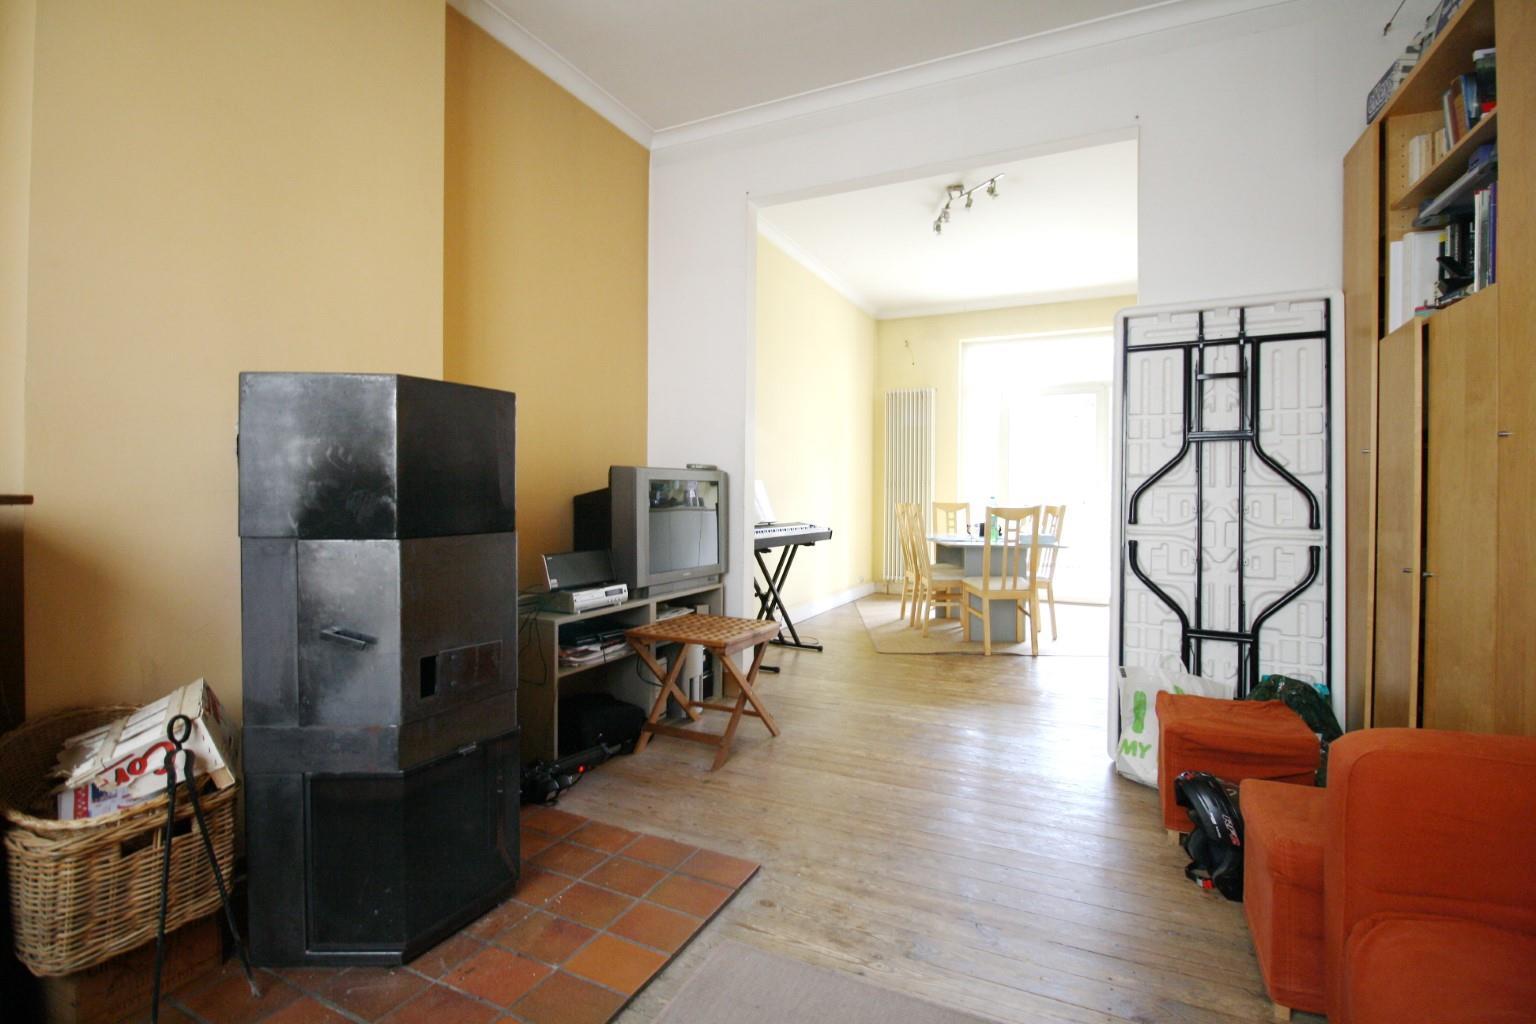 Maison - Berchem-Sainte-Agathe - #2305786-12